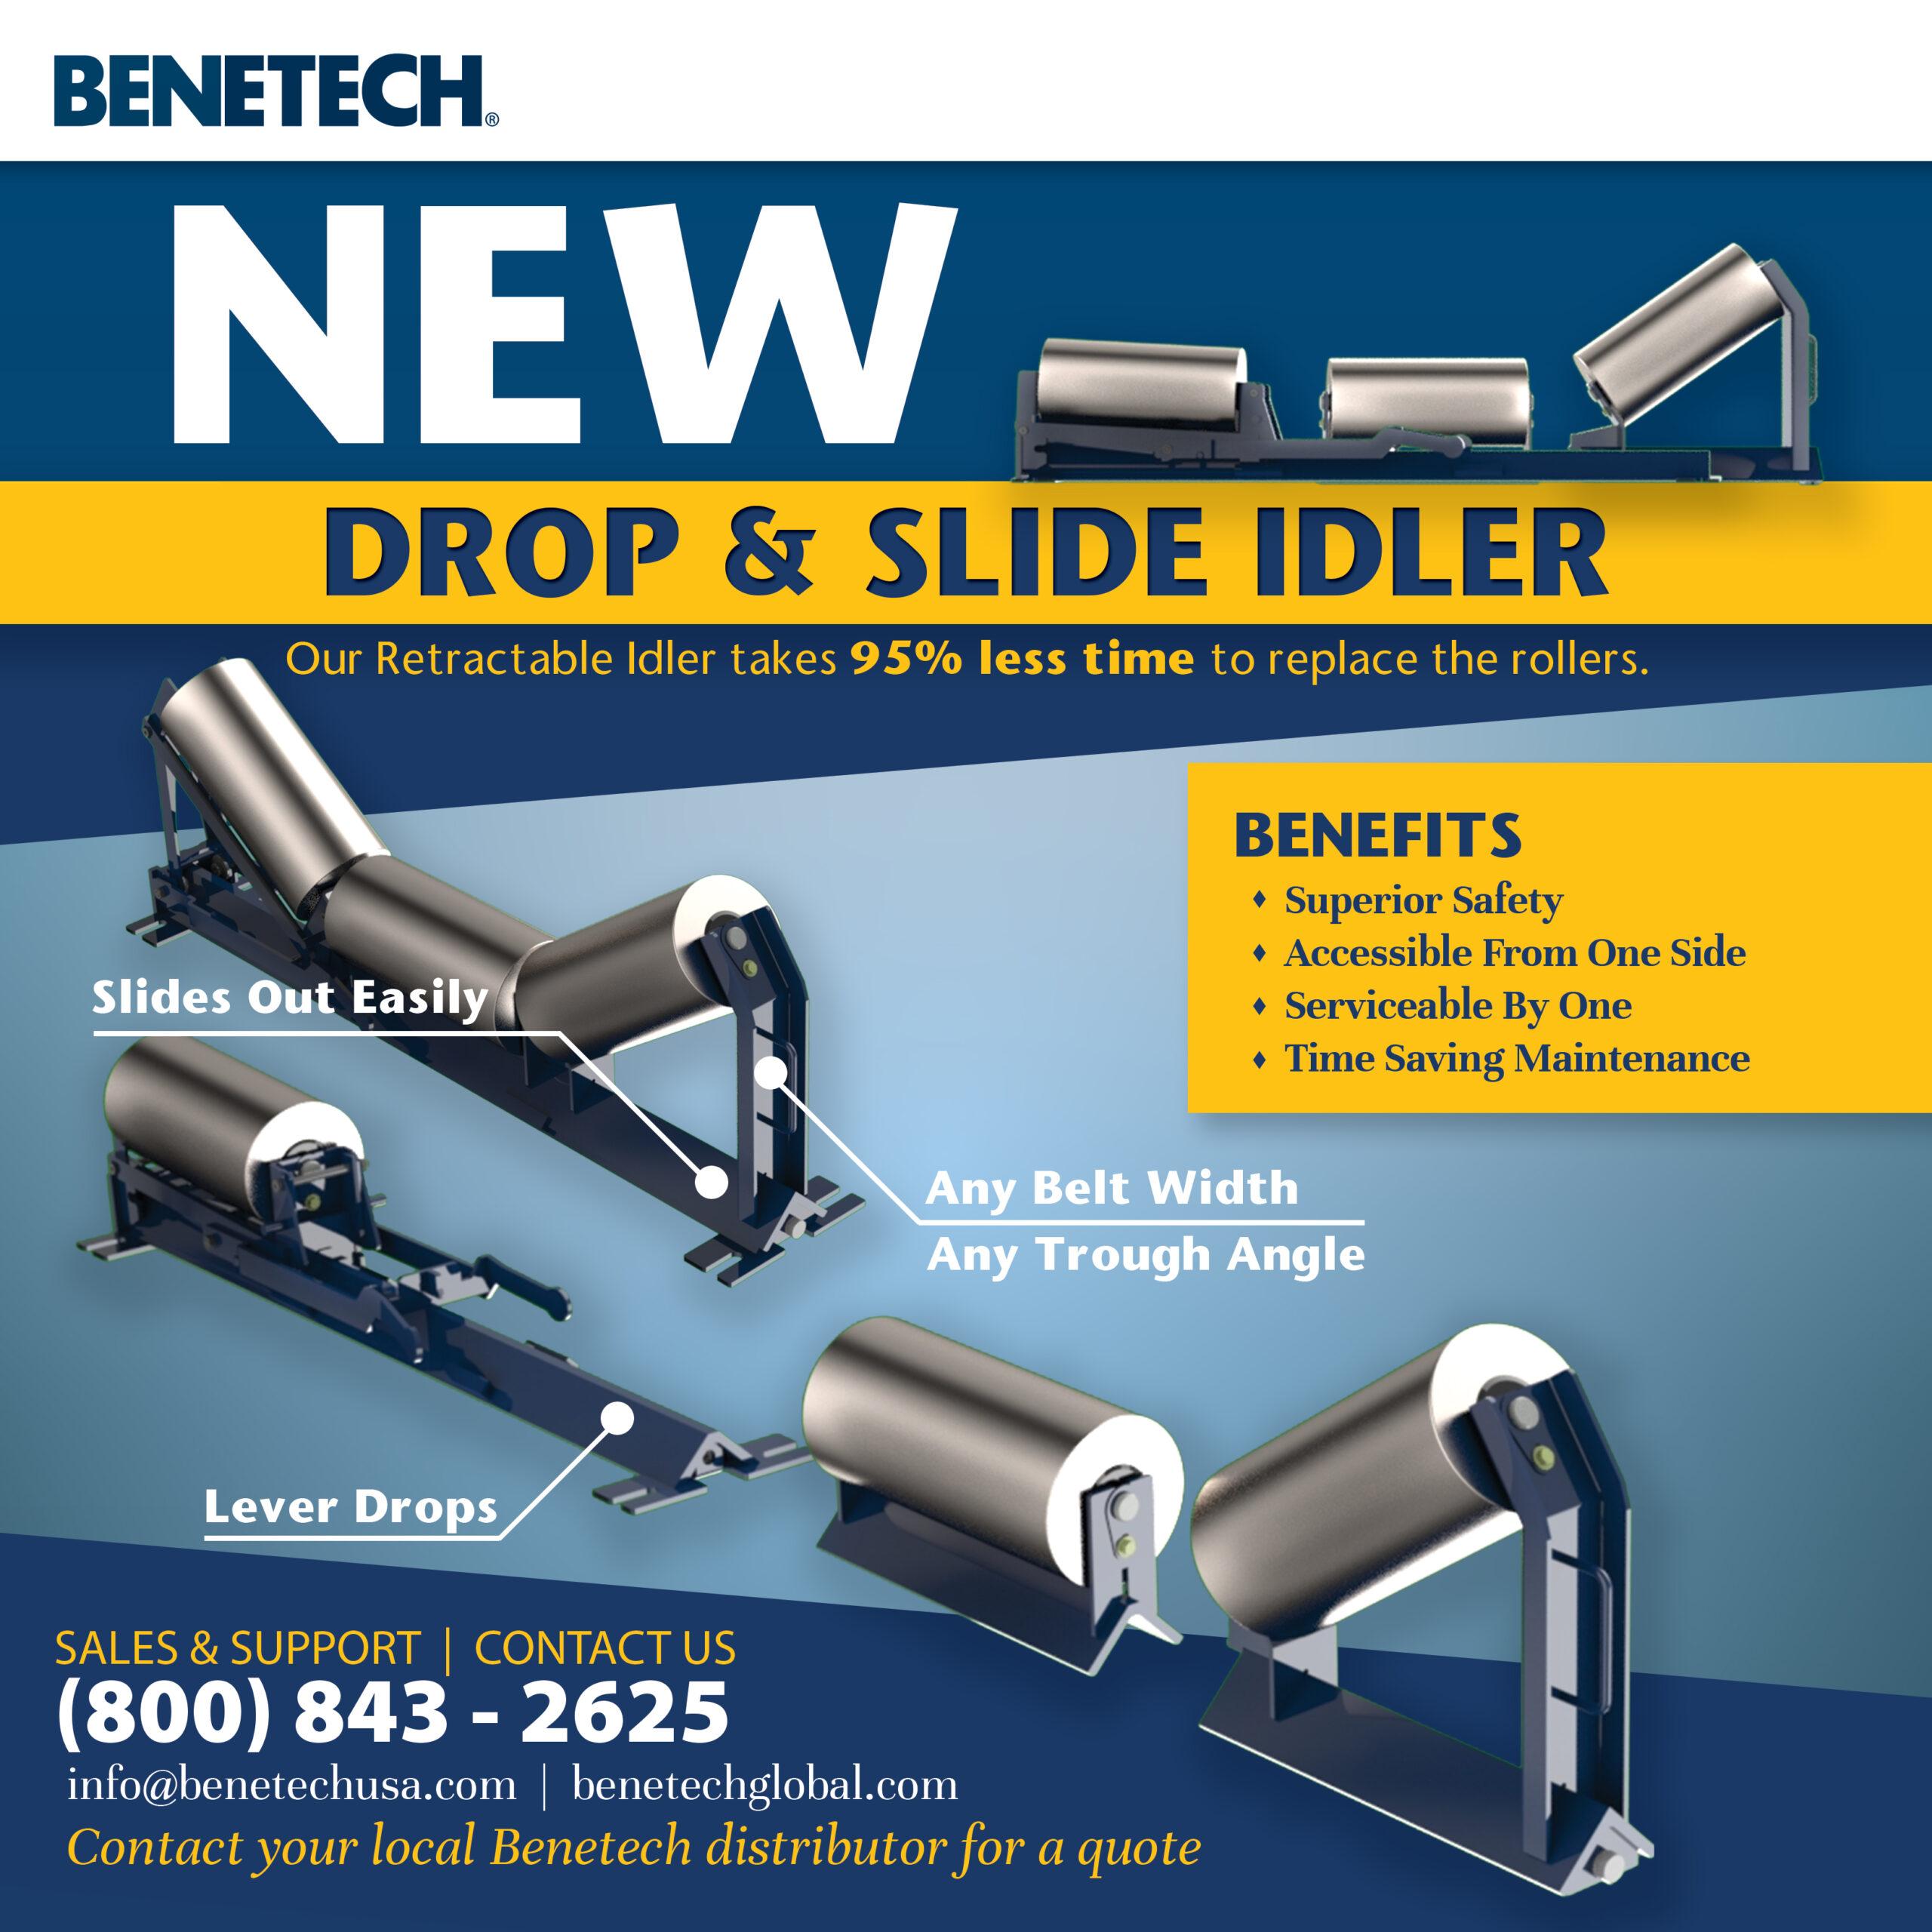 Benetech Drop & Slide Idler